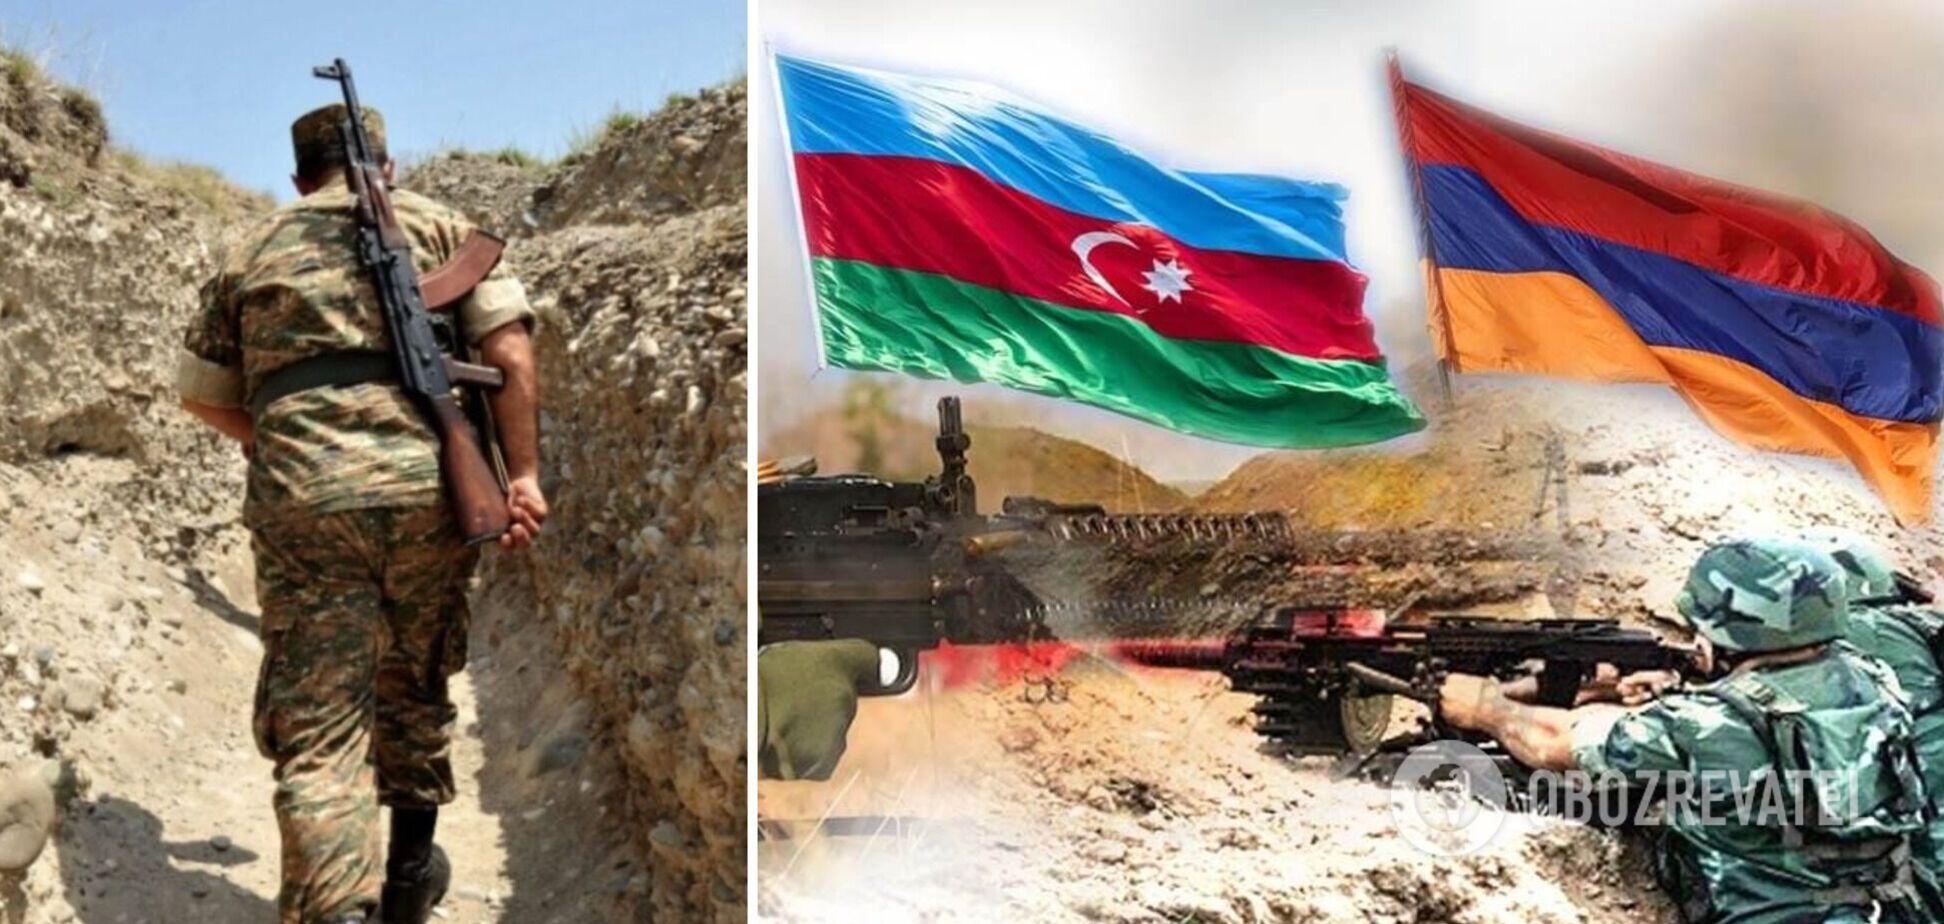 Вірменія та Азербайджан обмінялися звинуваченнями в стрілянині на кордоні. Усі подробиці